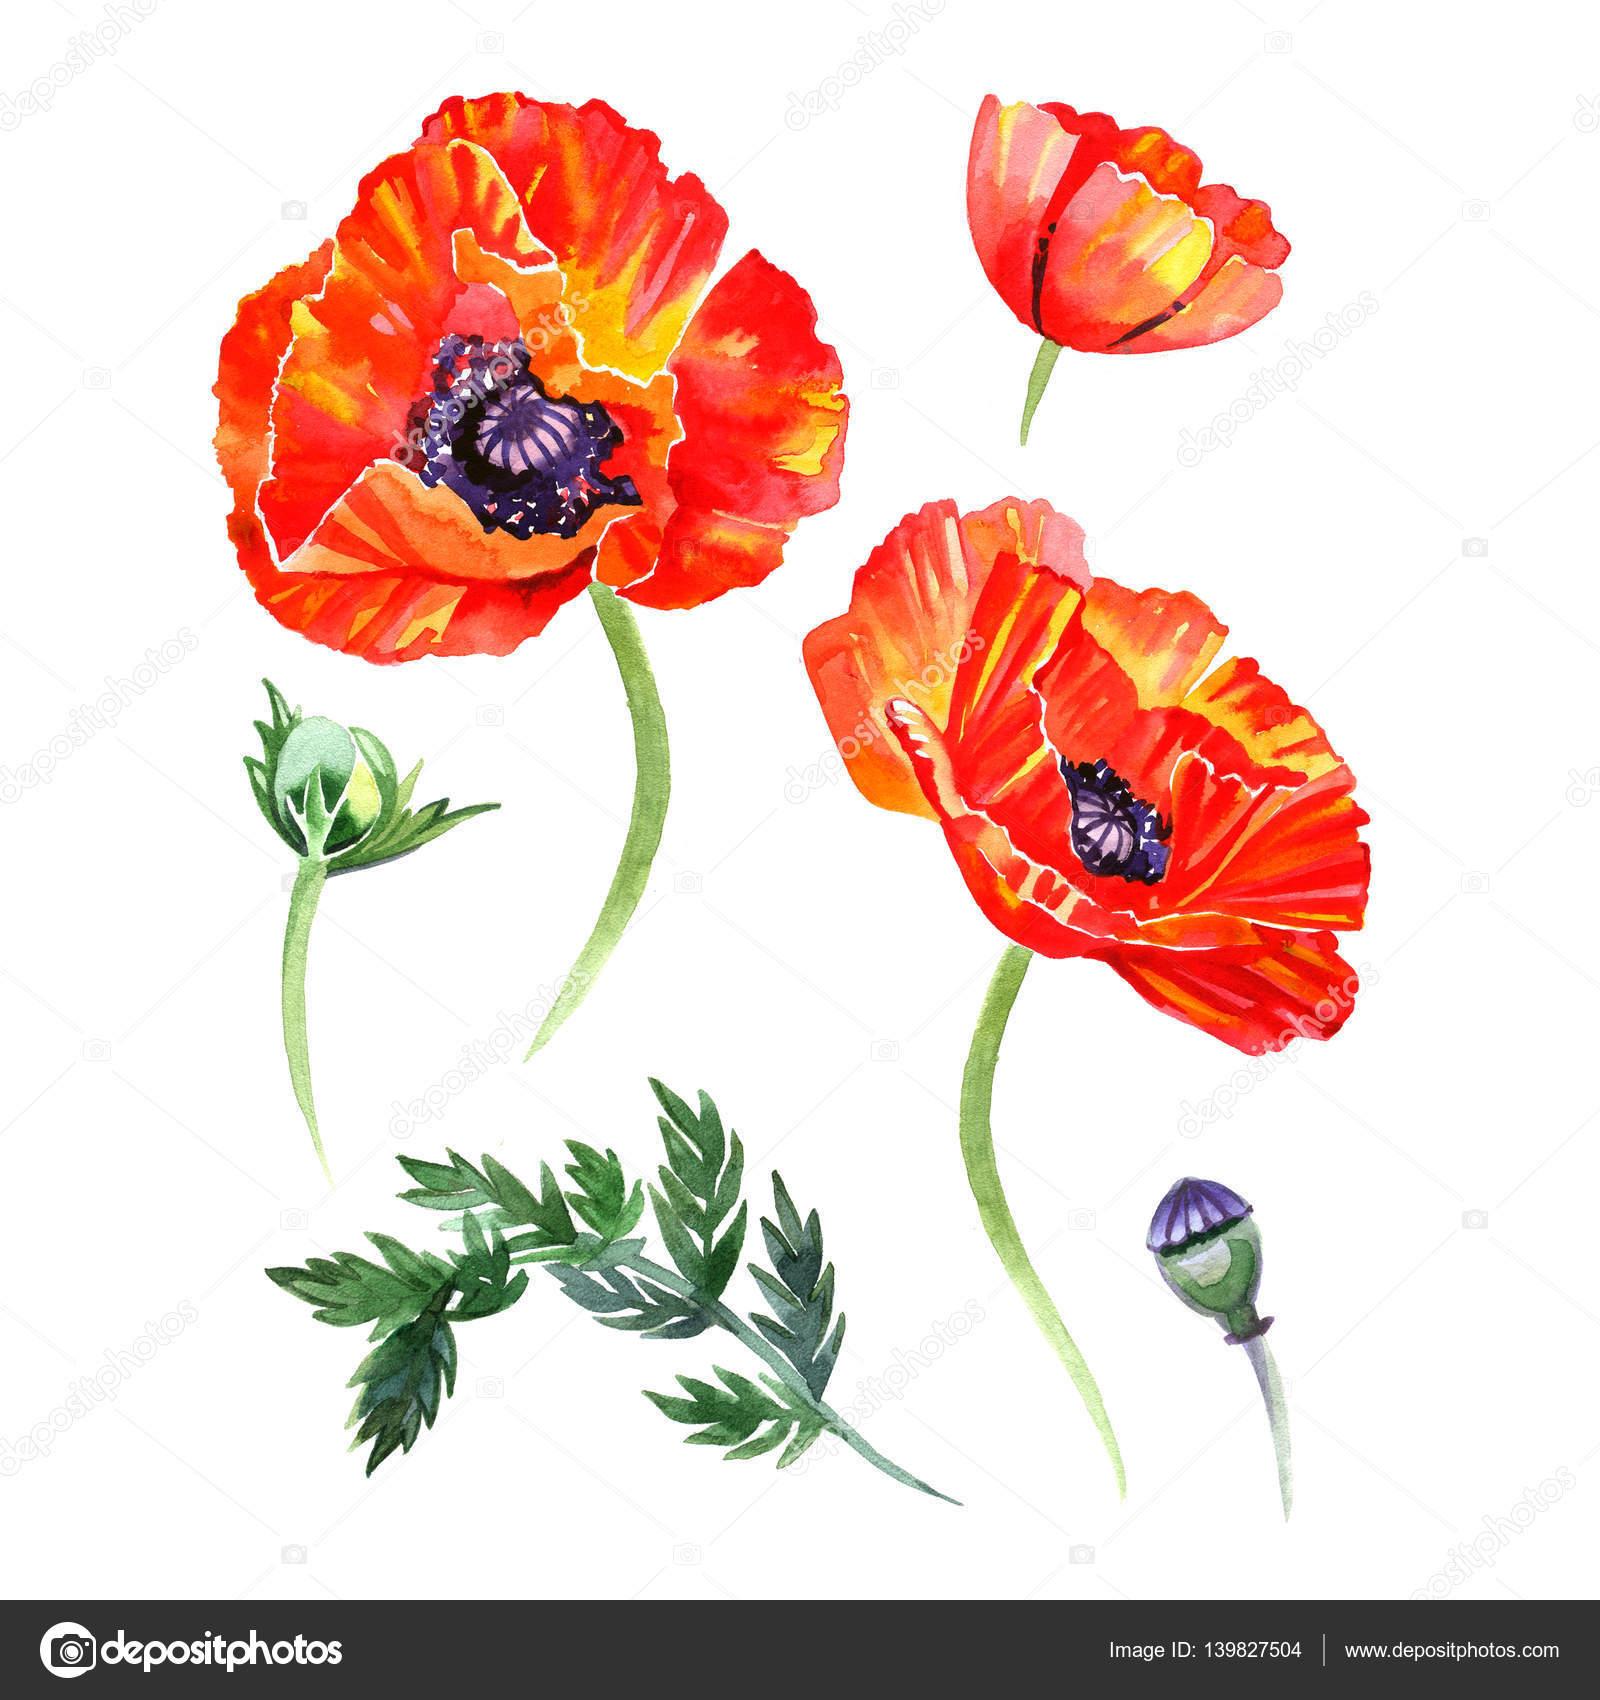 ポピーの花とつぼみのイラストの水彩セットです。描かれている